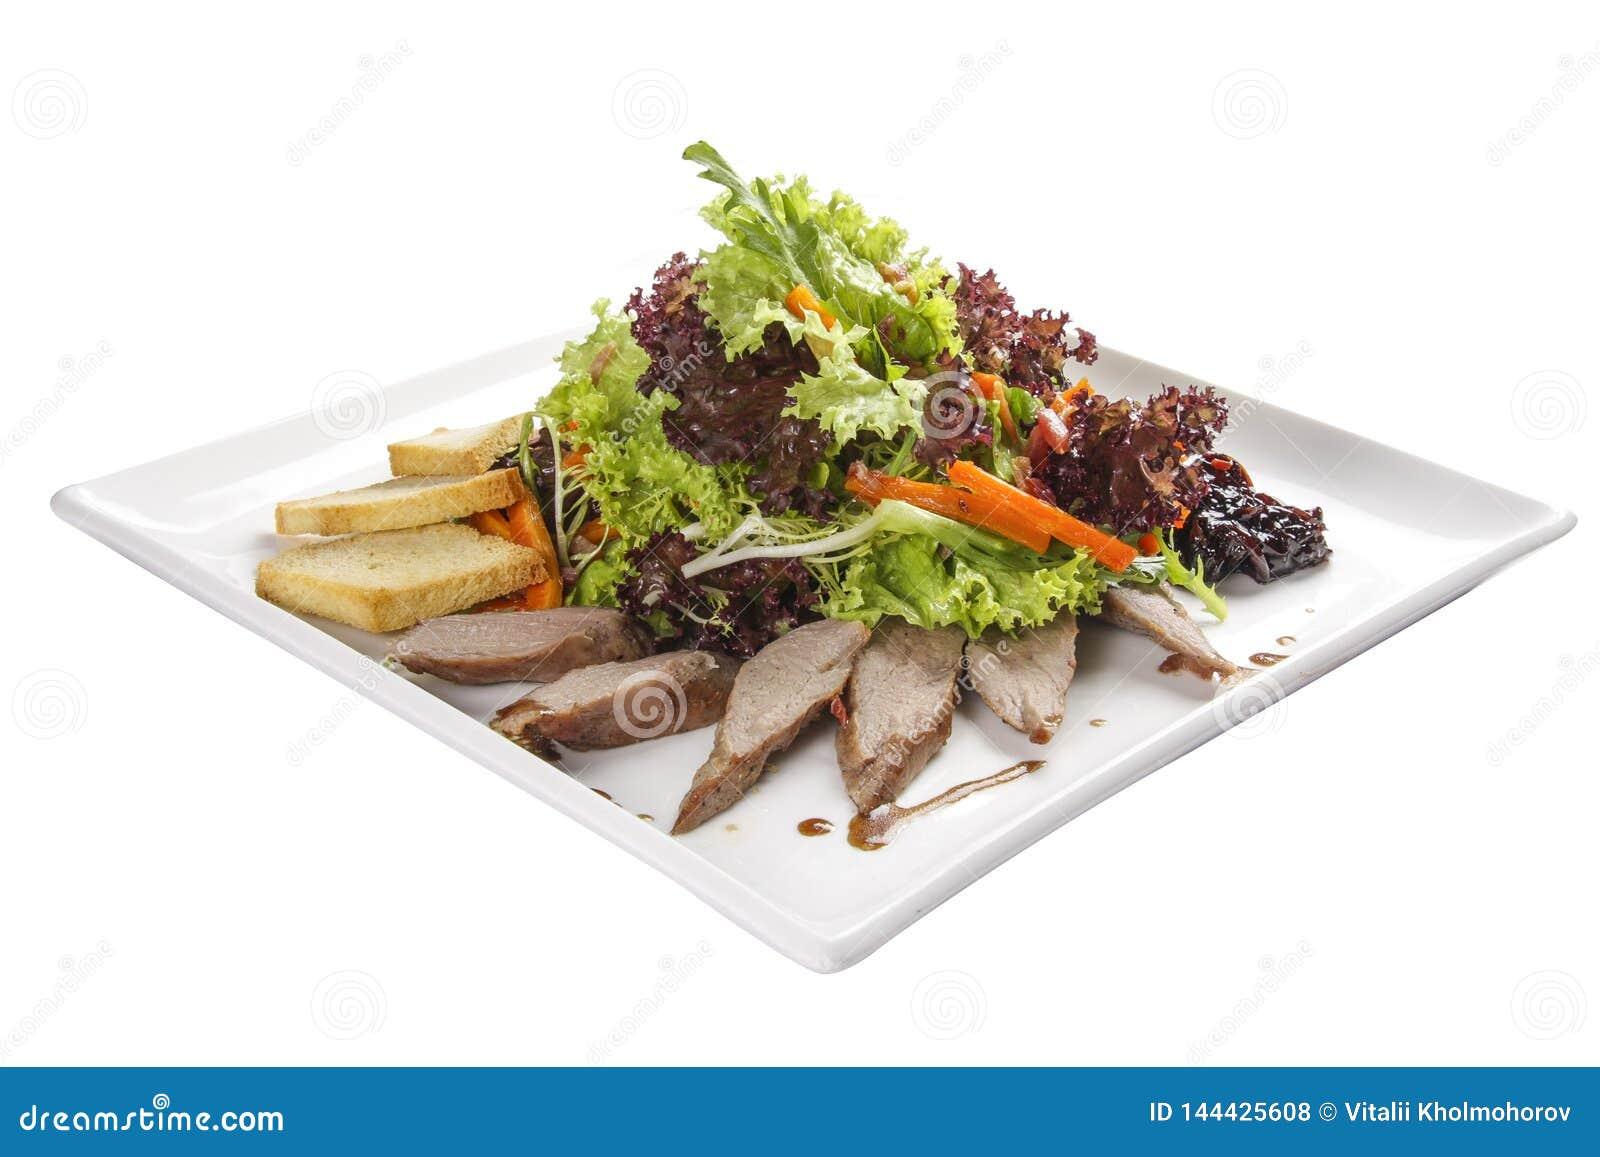 Salada com peito de pato em uma placa branca